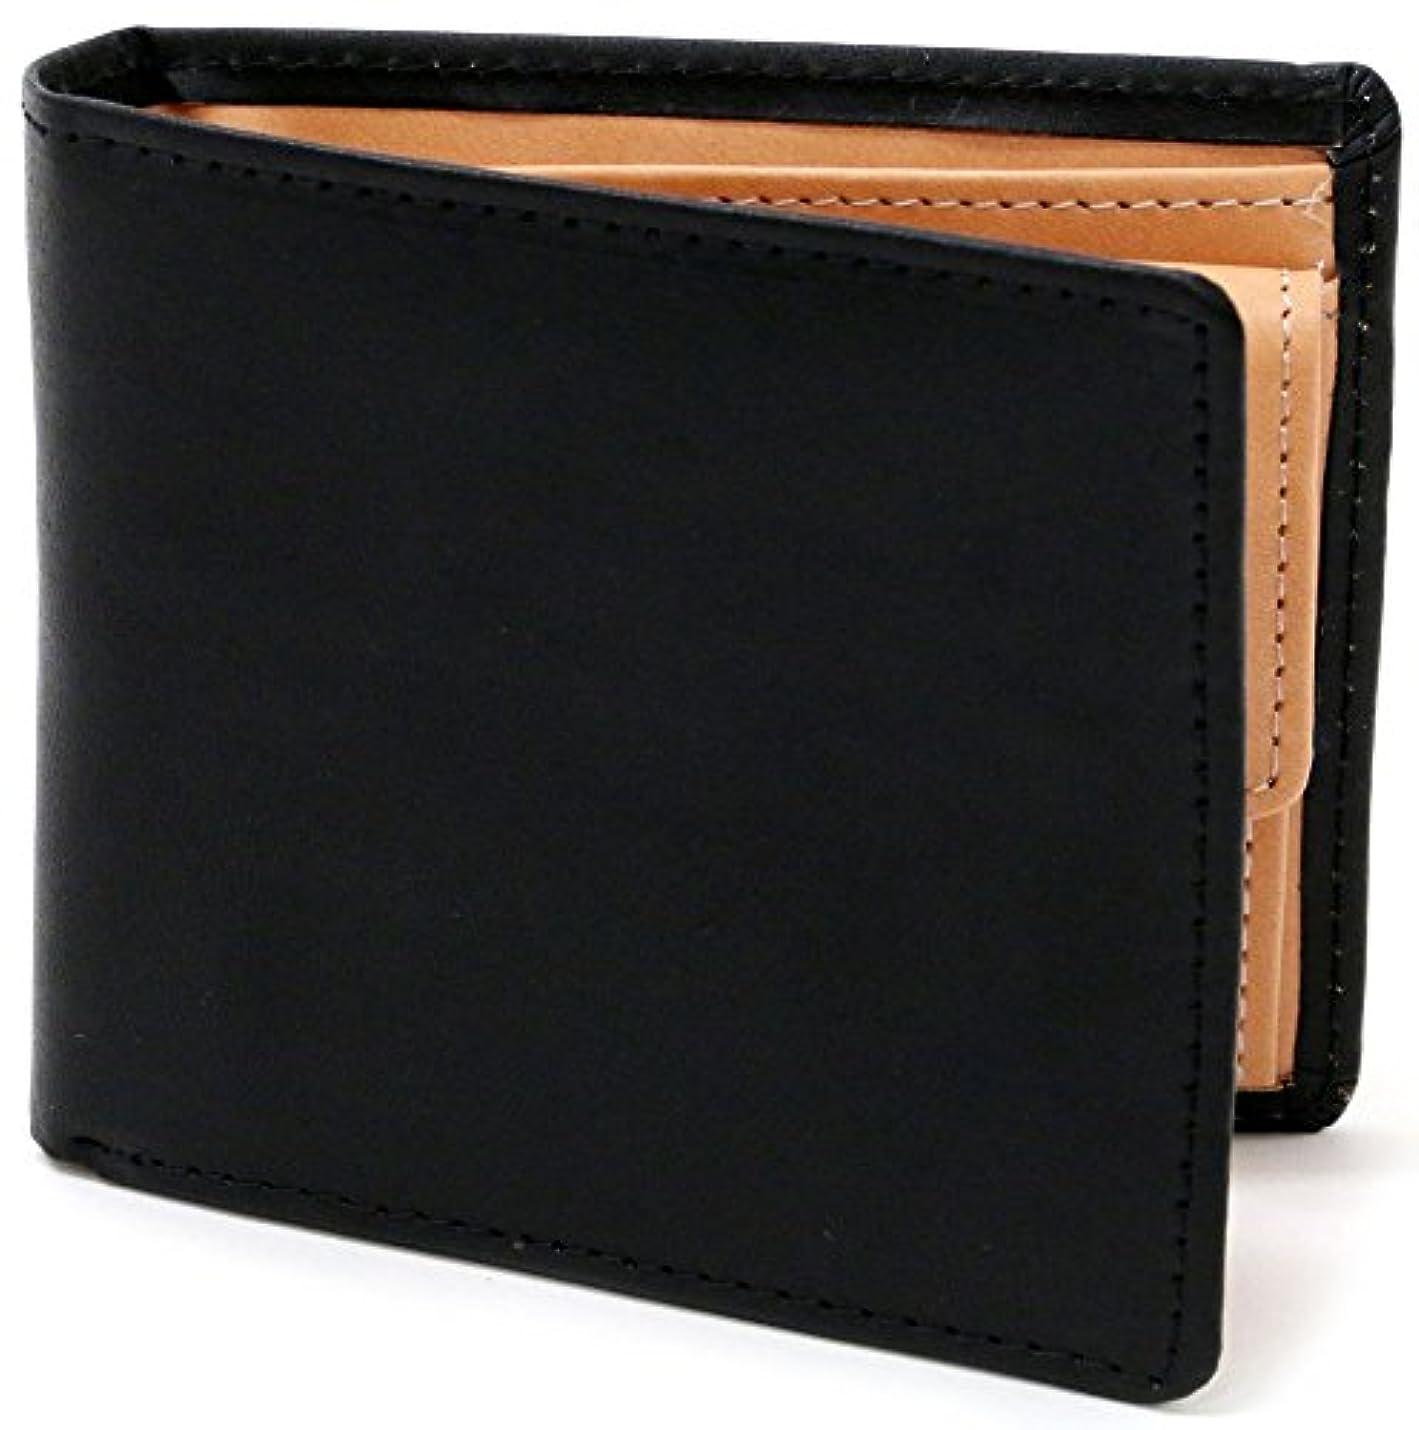 驚インストラクター資源[とちぎレザー] 財布 牛革 栃木レザー社製皮革使用 二つ折り財布 ぬめ革 メンズ